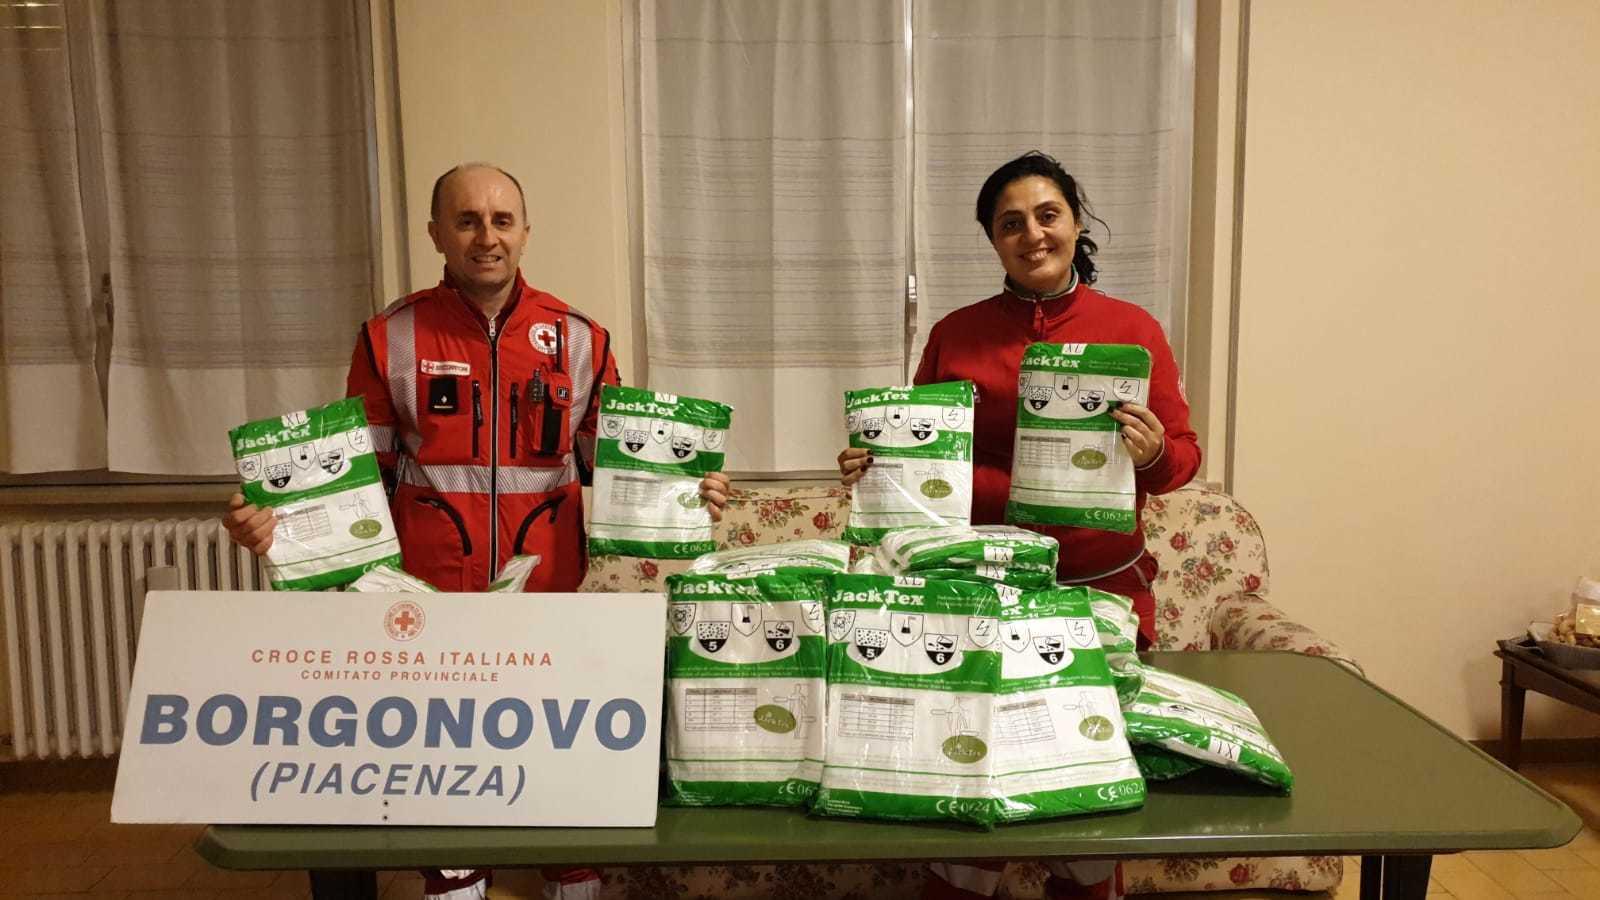 Donazione tute Pro Loco Croce Rossa Borgonovo